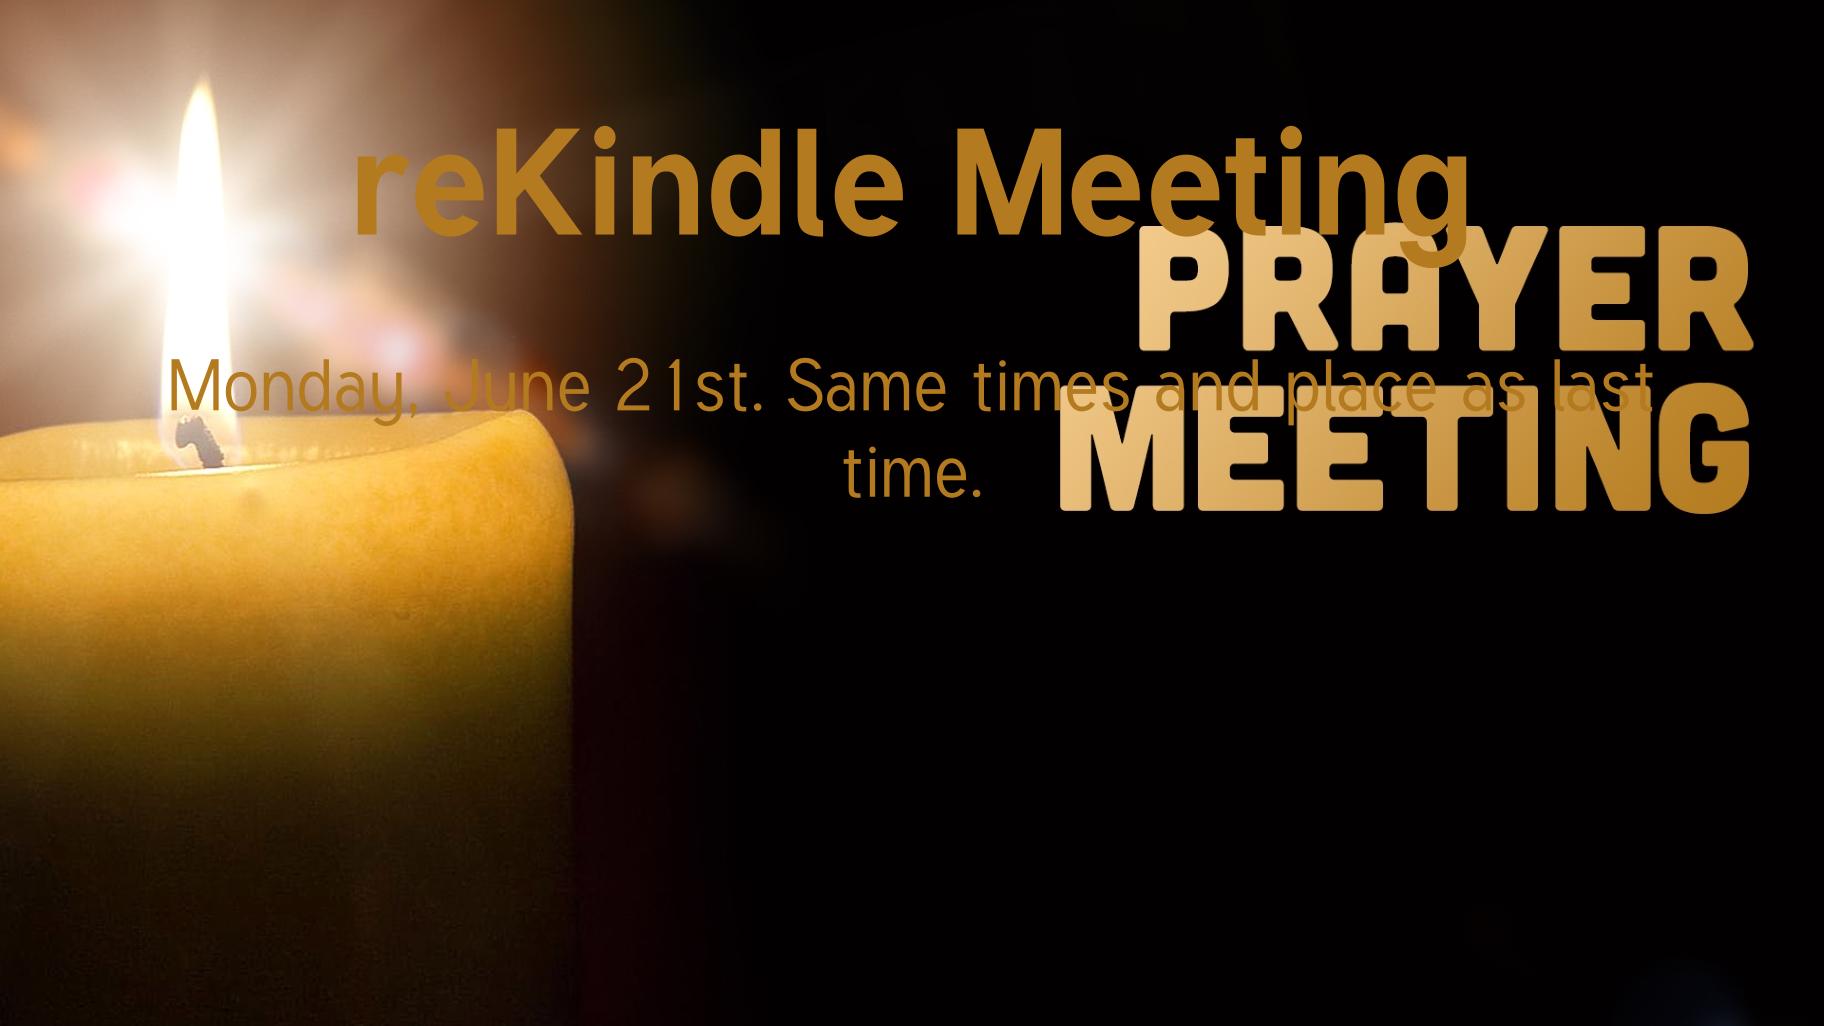 reKindle Meeting